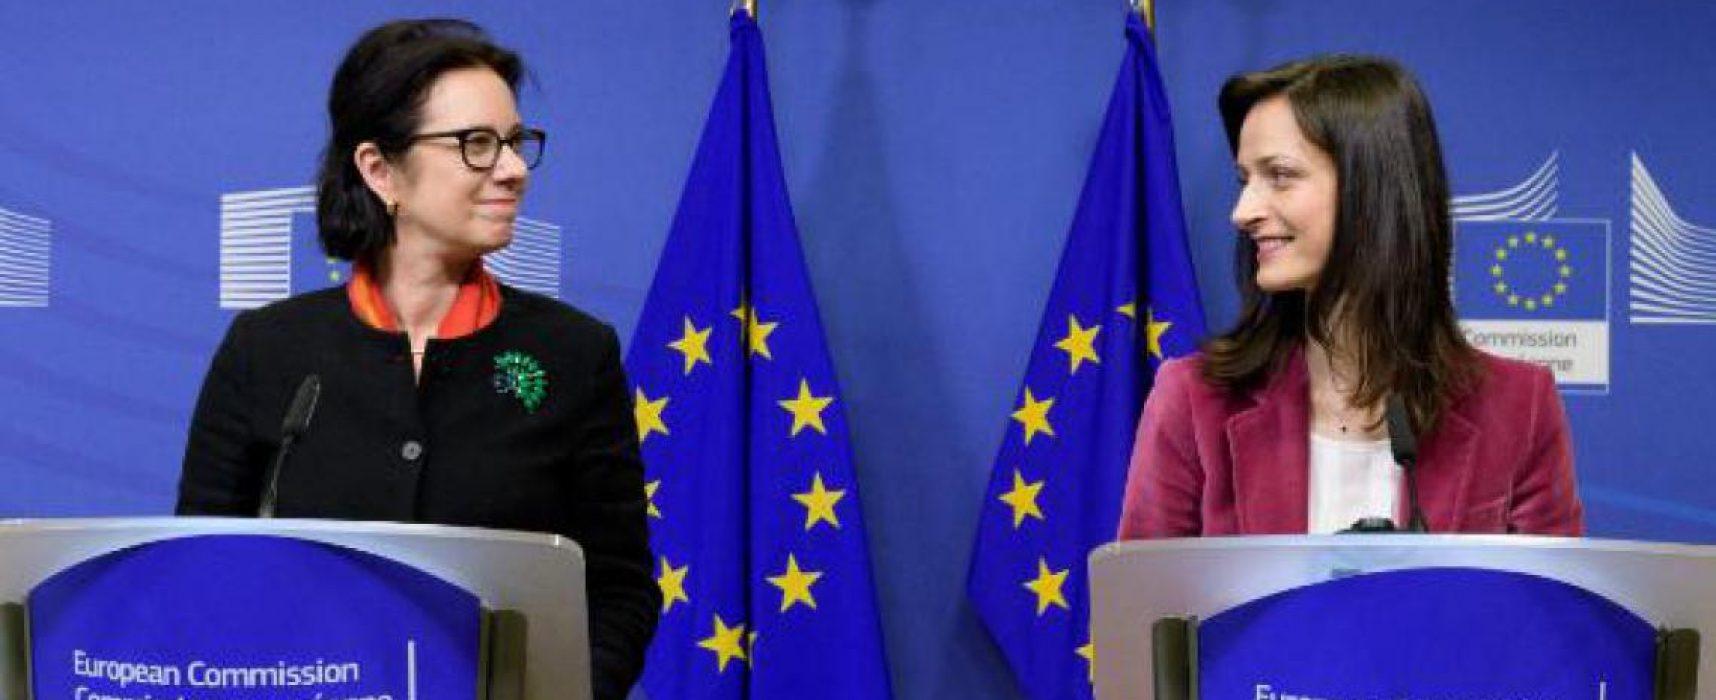 EU-Kommission: Der Verbreitung von Fake News und Desinformation Einhalt gebieten